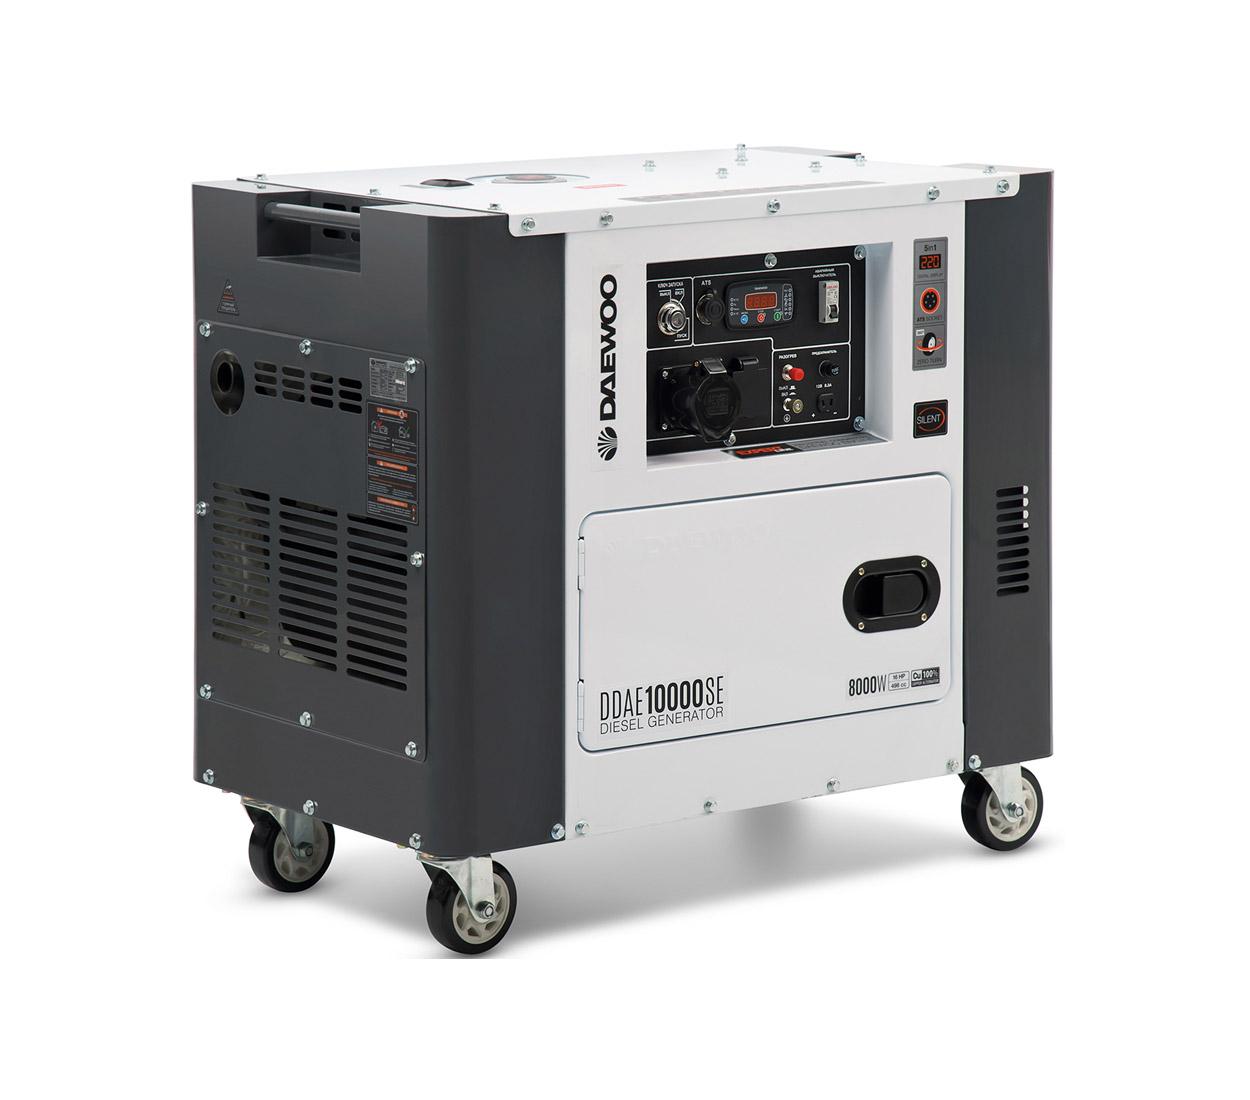 Дизельный генератор (электростанция) DAEWOO DDAE 10000SE